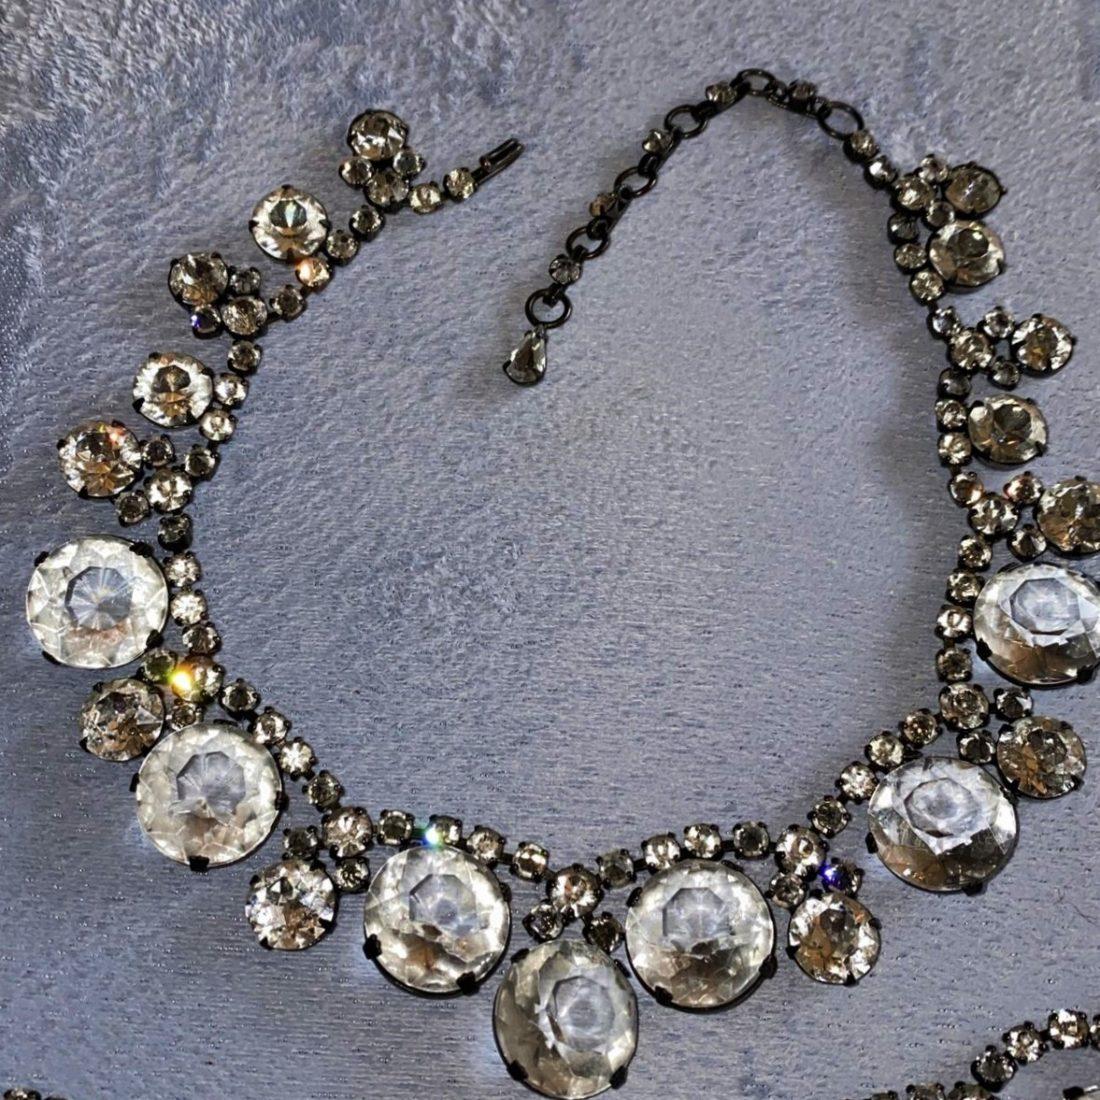 Ювелирные украшения Schreiner: продать образец высокого мастерства